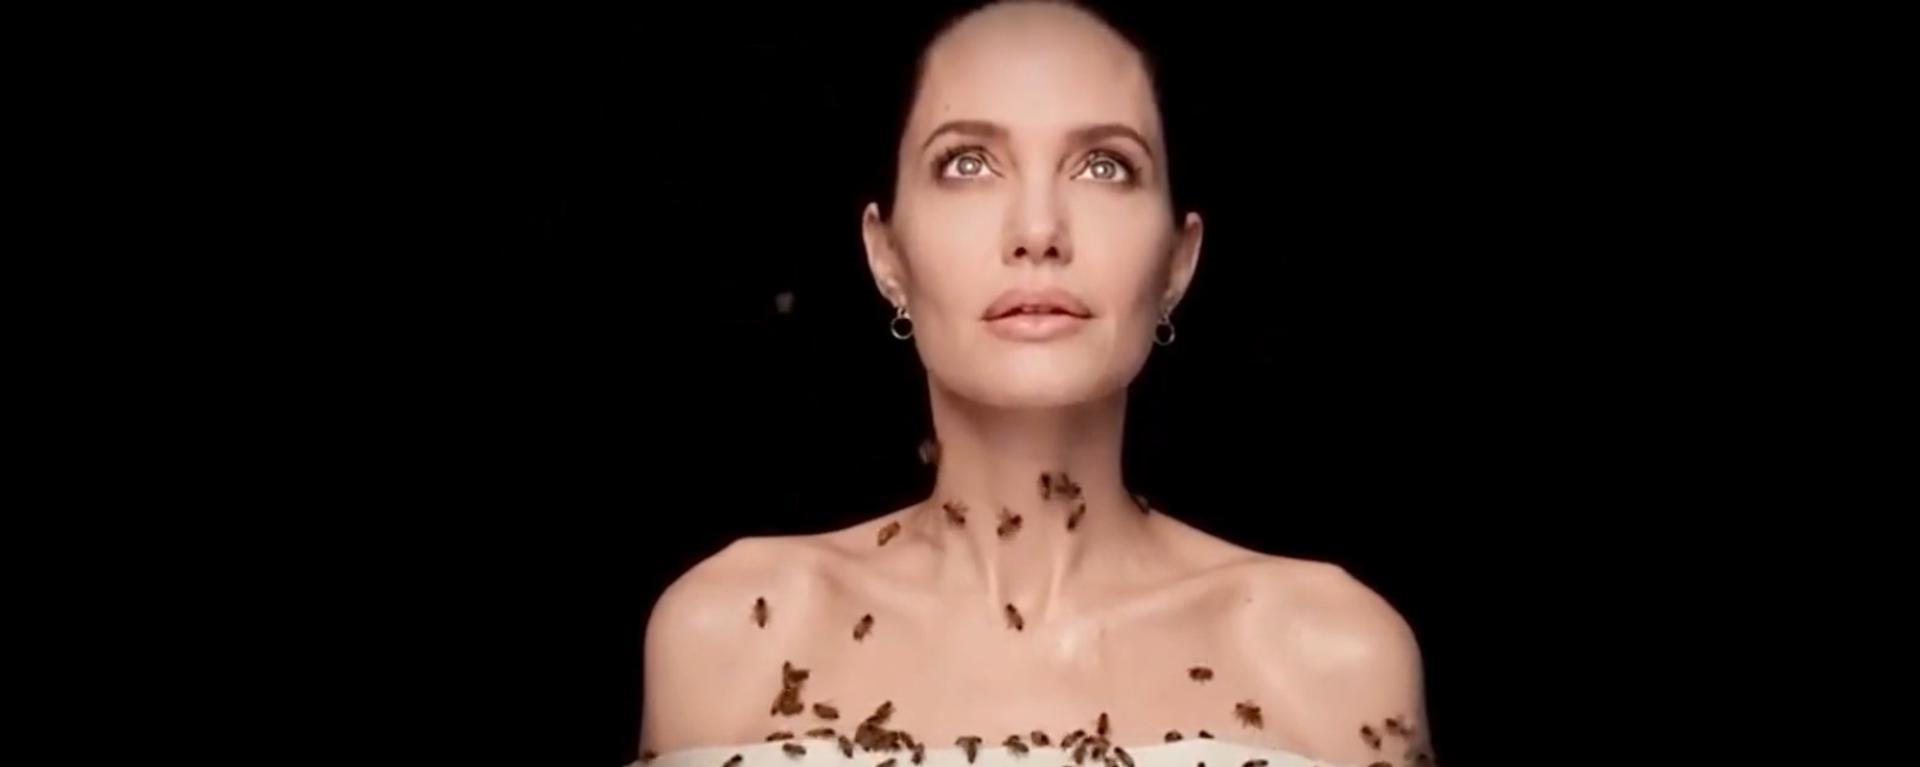 Angelina Jolie lässt sich mit Bienen fotografieren - SNA, 1920, 20.05.2021